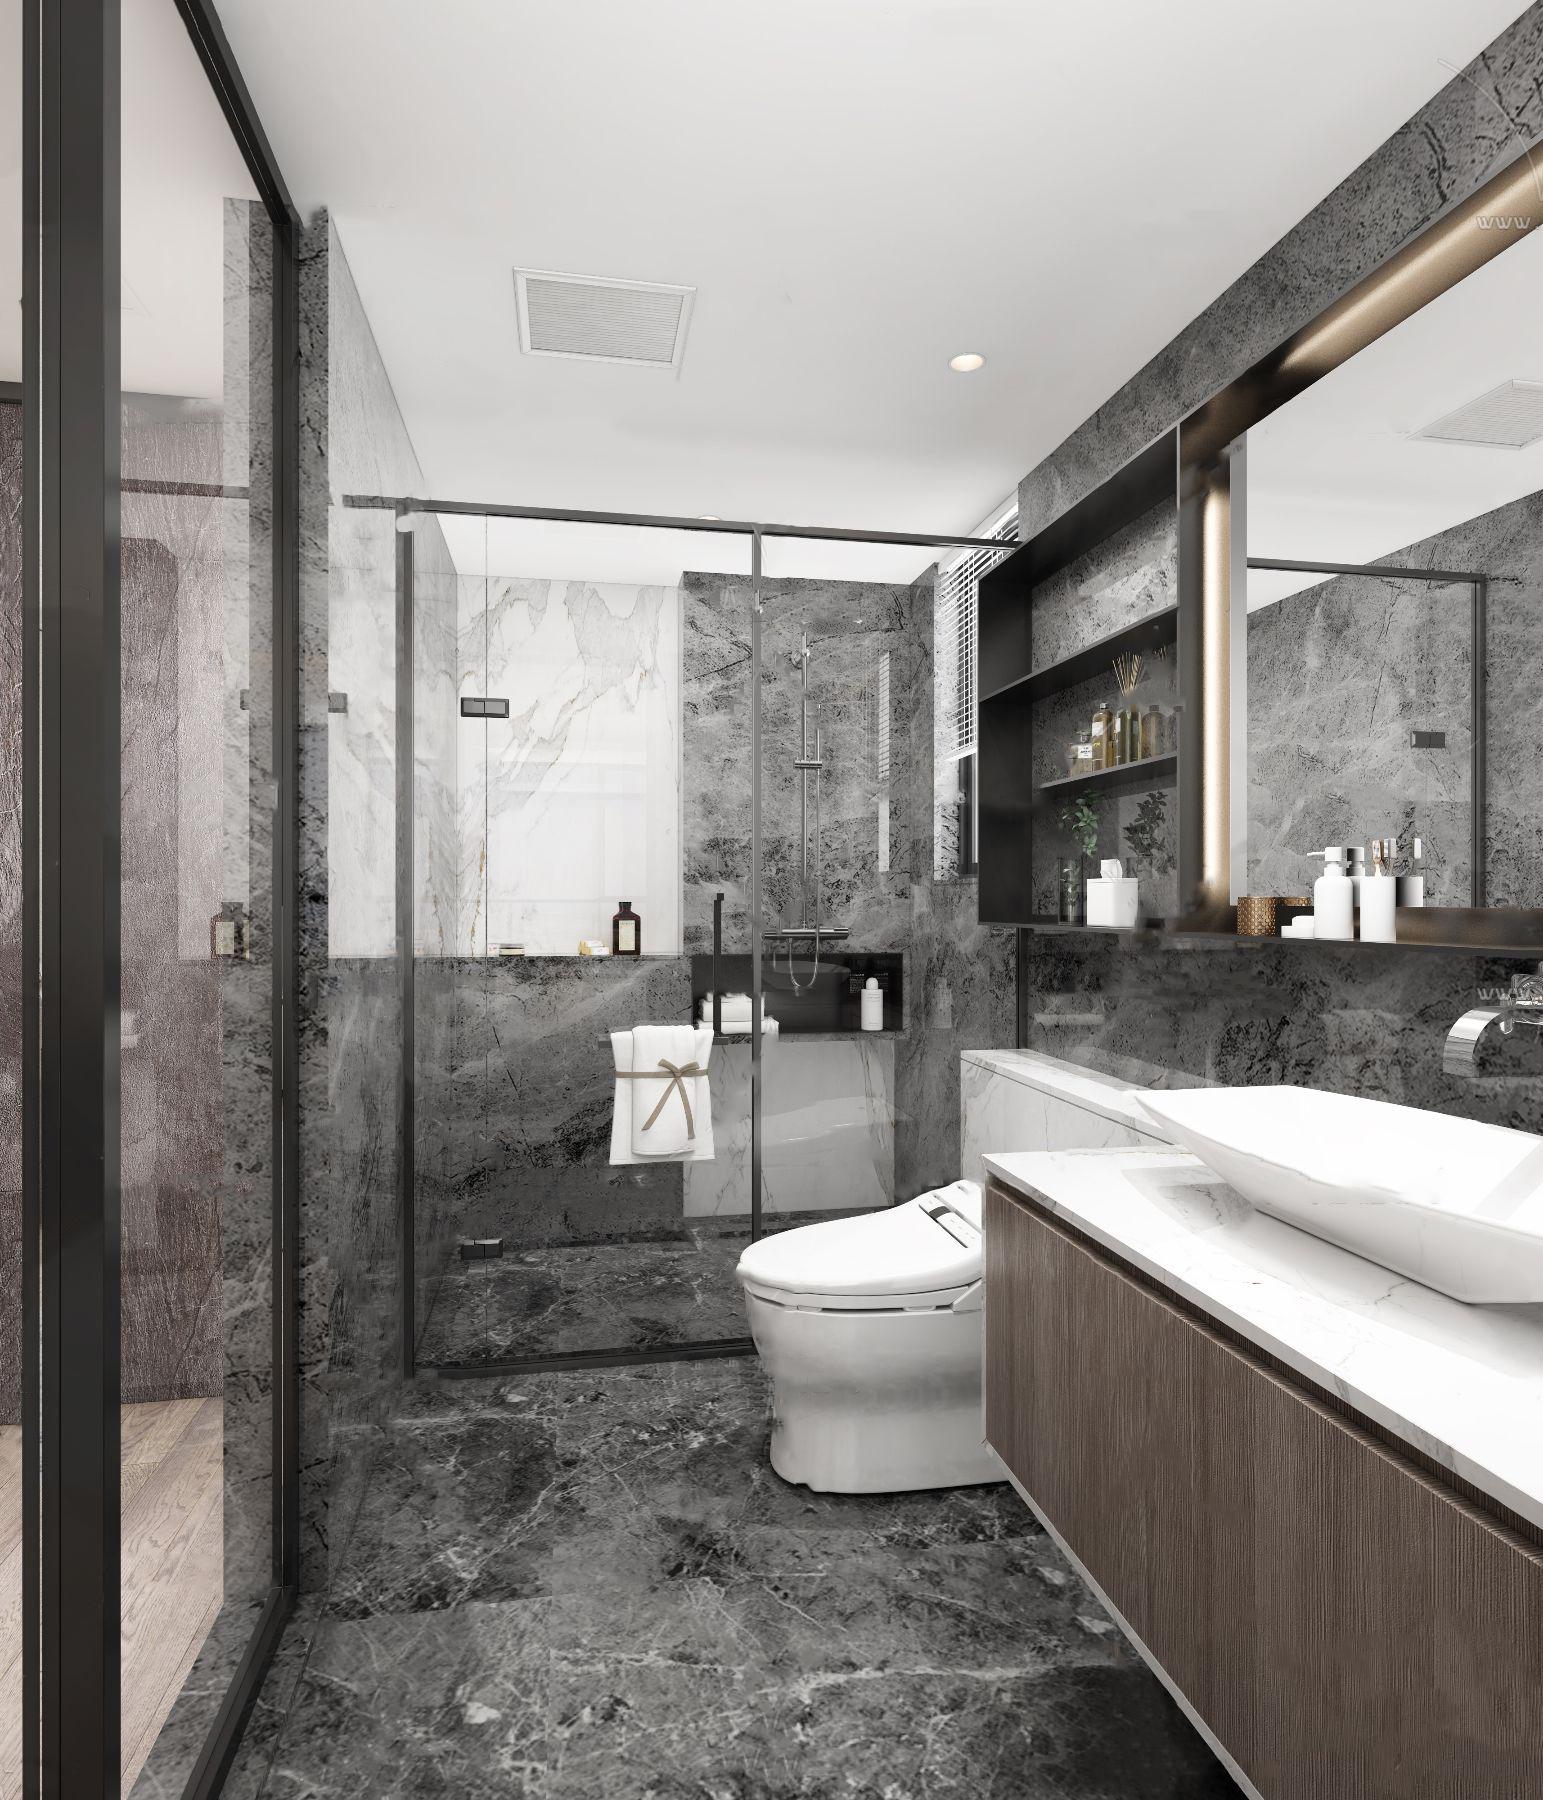 现代高级灰卫生间浴室3D模型【ID:543427085】